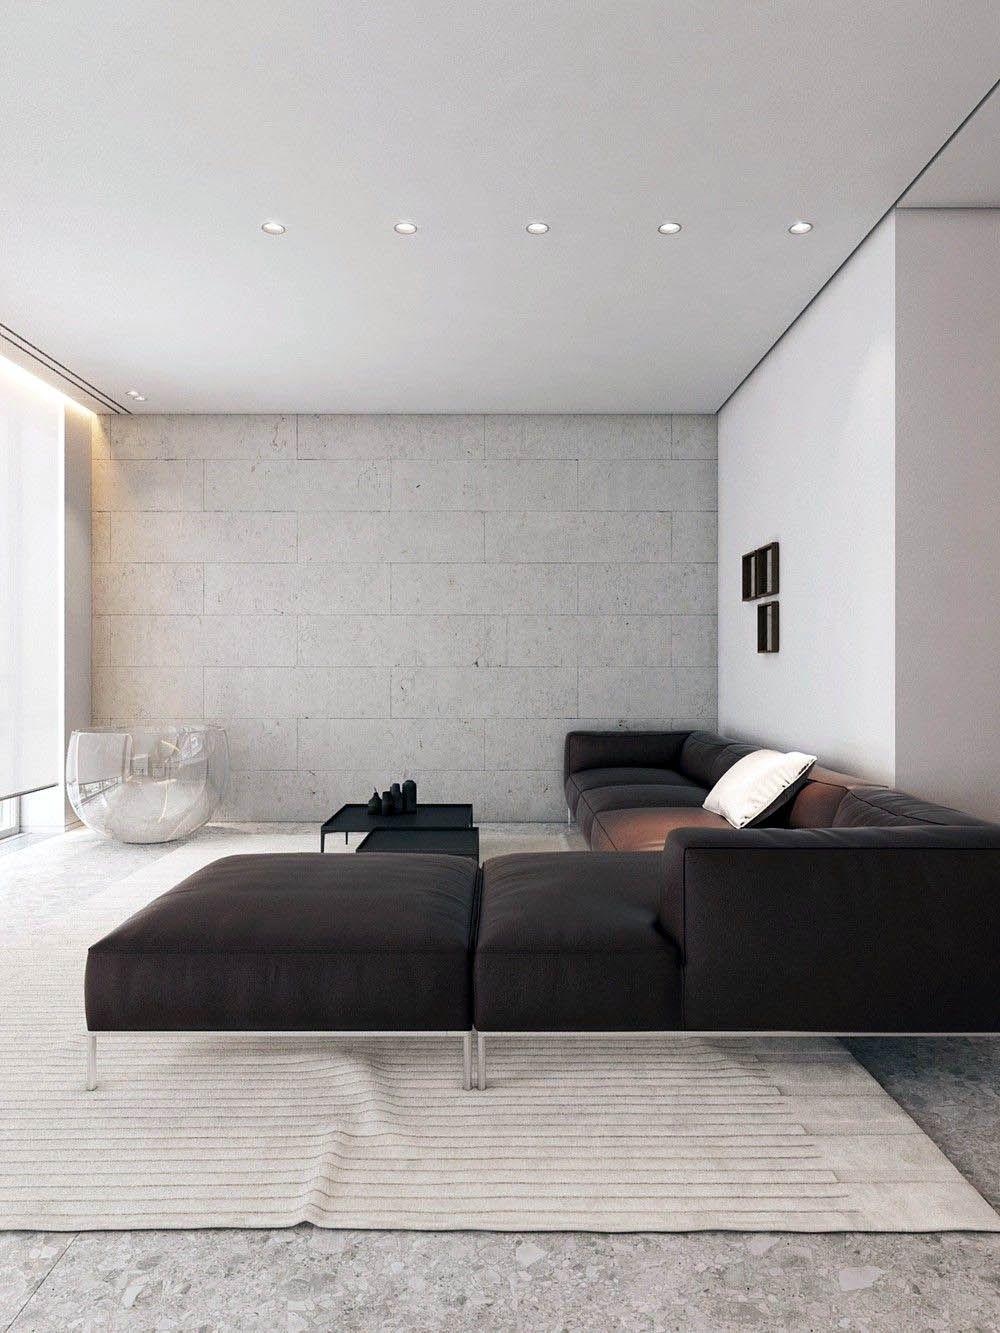 Remarkable minimalist zen living room exclusive on ...